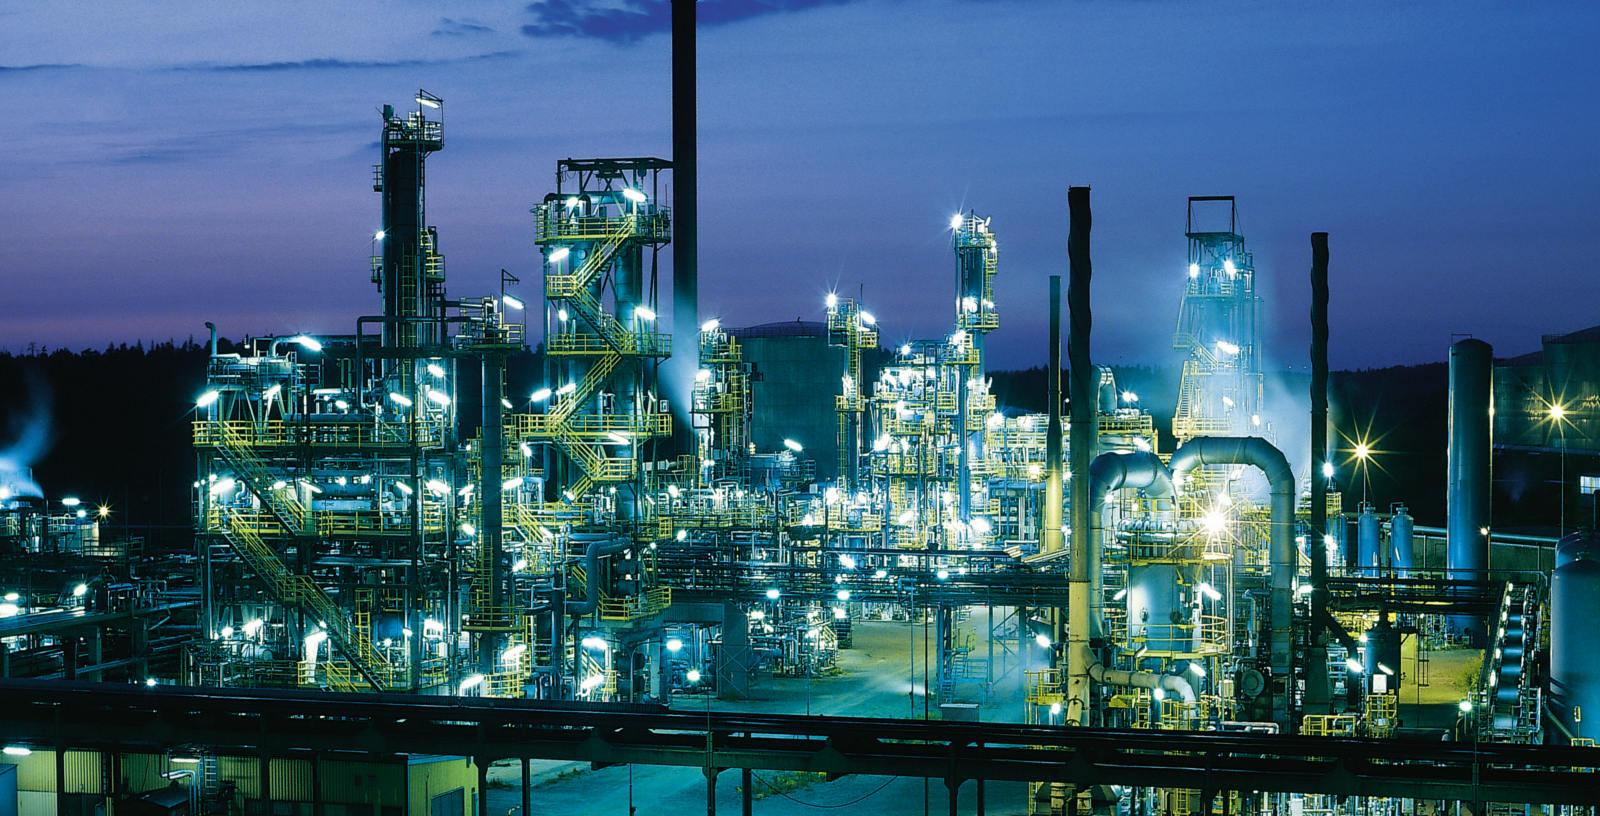 Refinery_SBZ_Krasnodar_Russia_Slavyansk_ECO_Ltd_IDOM